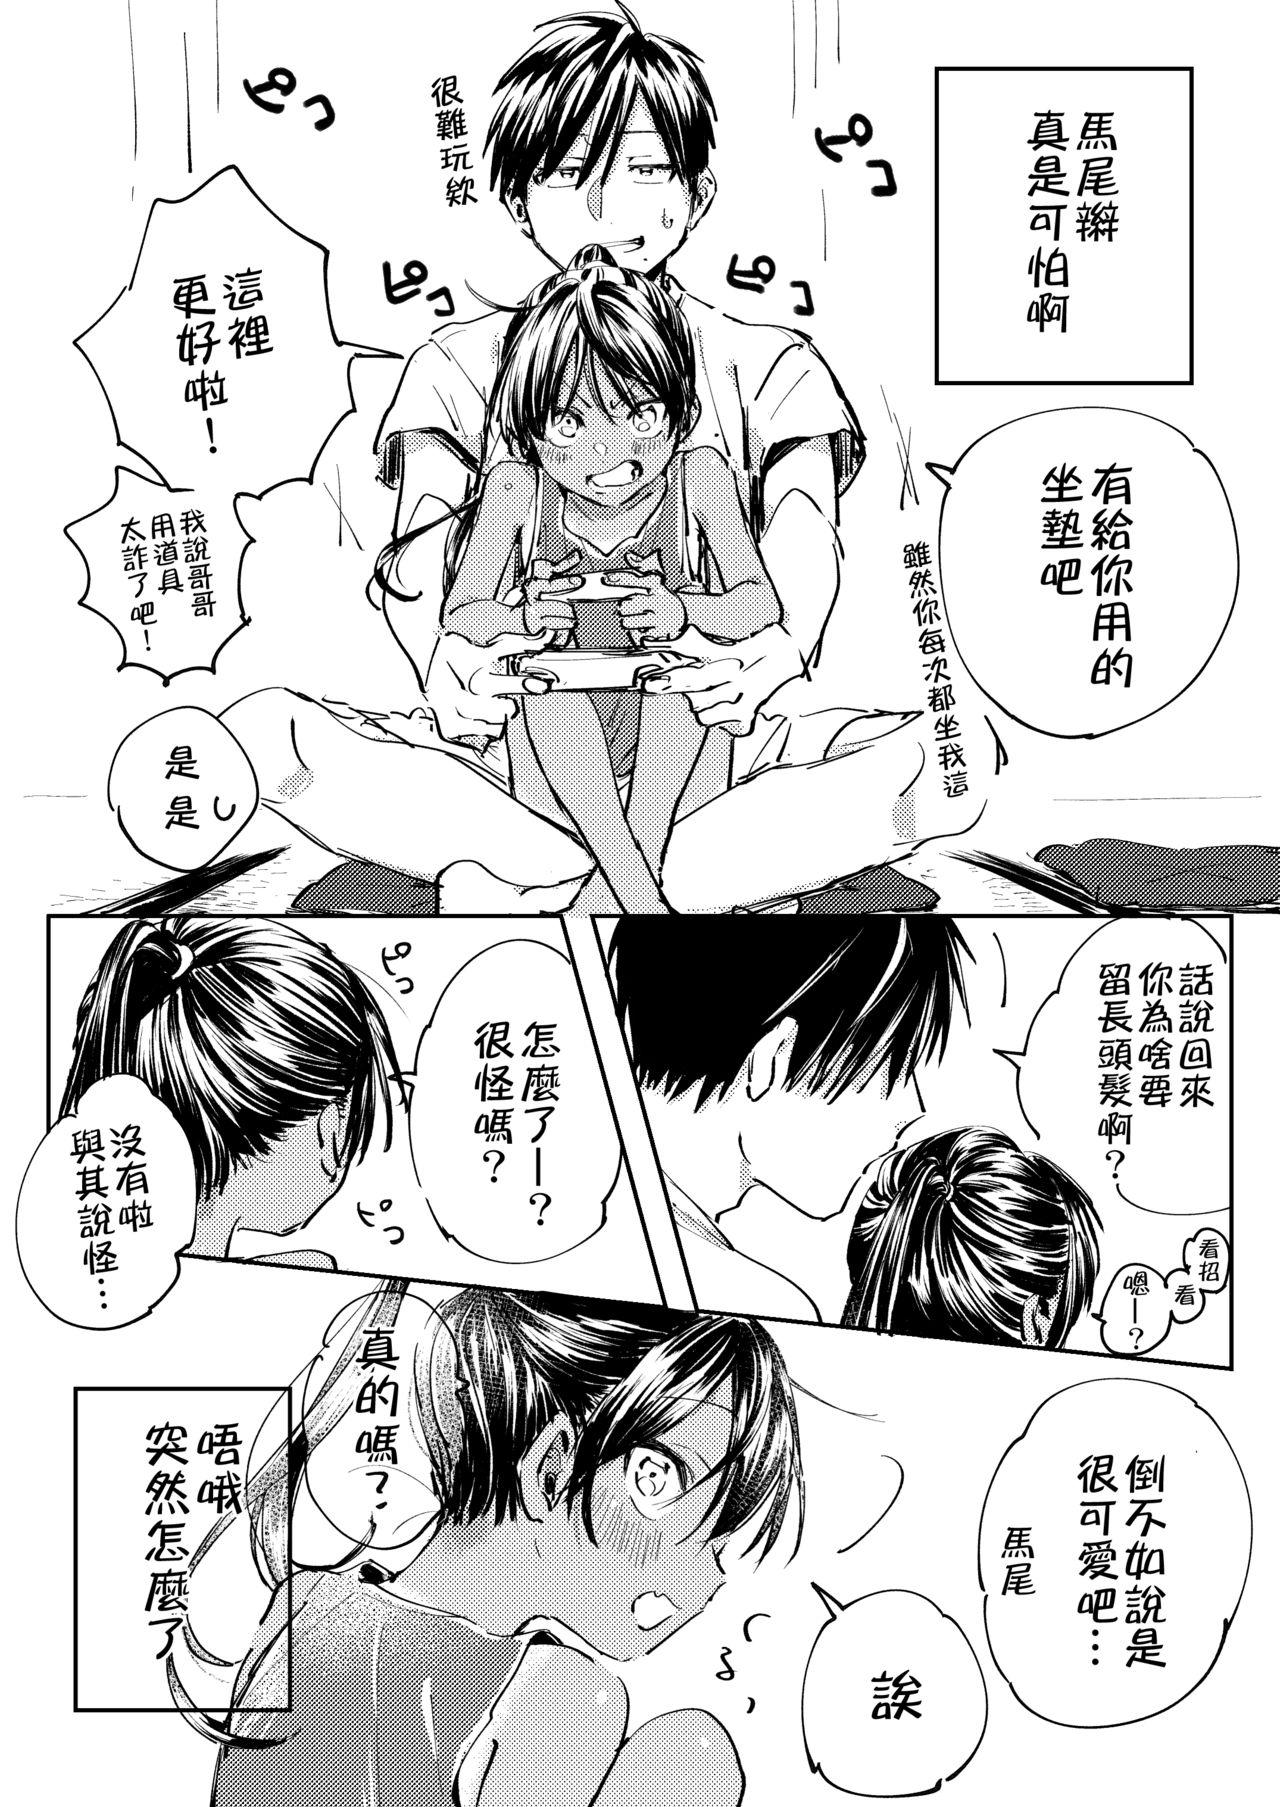 Inaka ni Kaeru to Yakeni Jiben ni Natsuita Kasshoku Ponytail Shota ga Iru 2